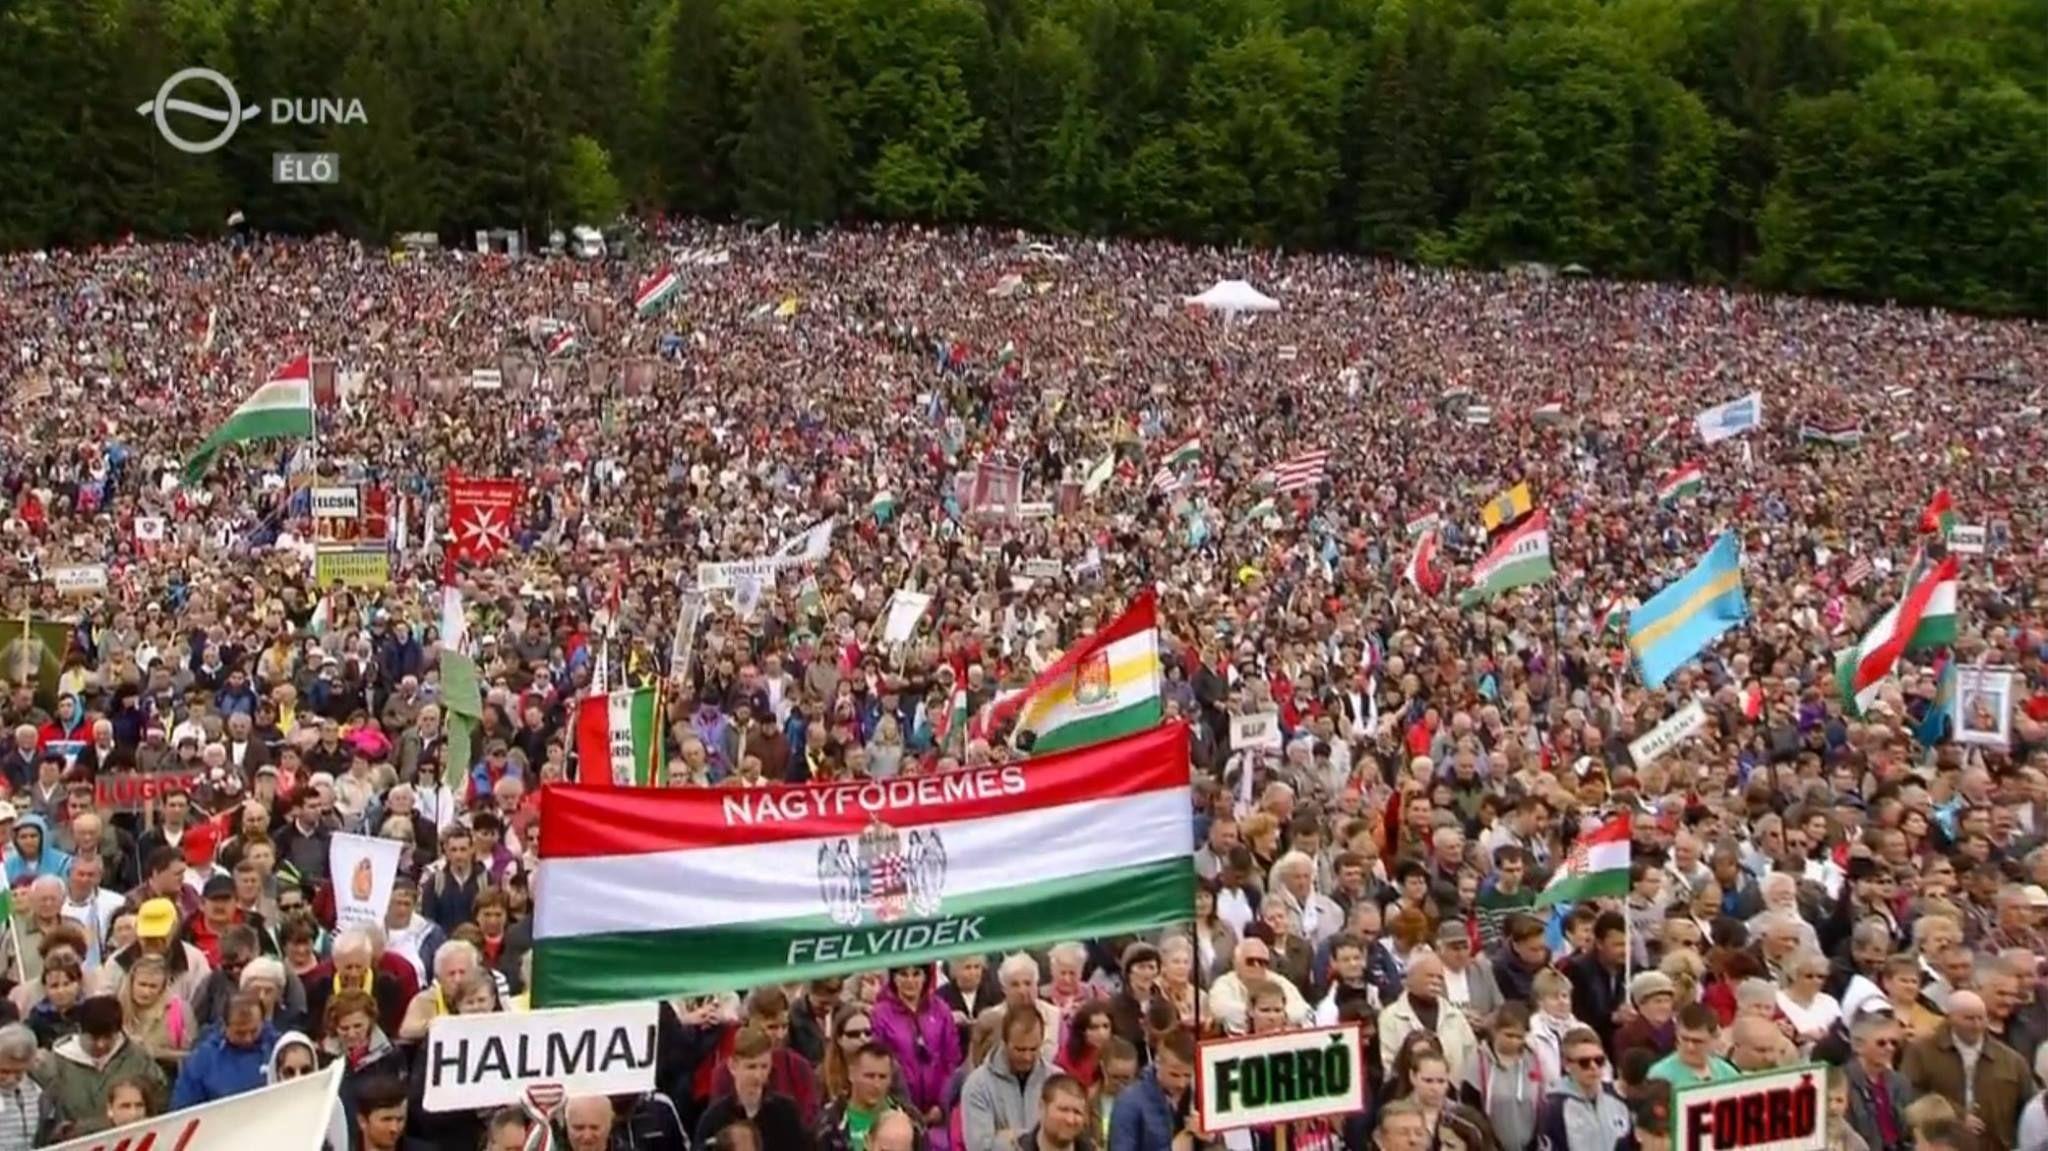 Kép: Duna Televízió